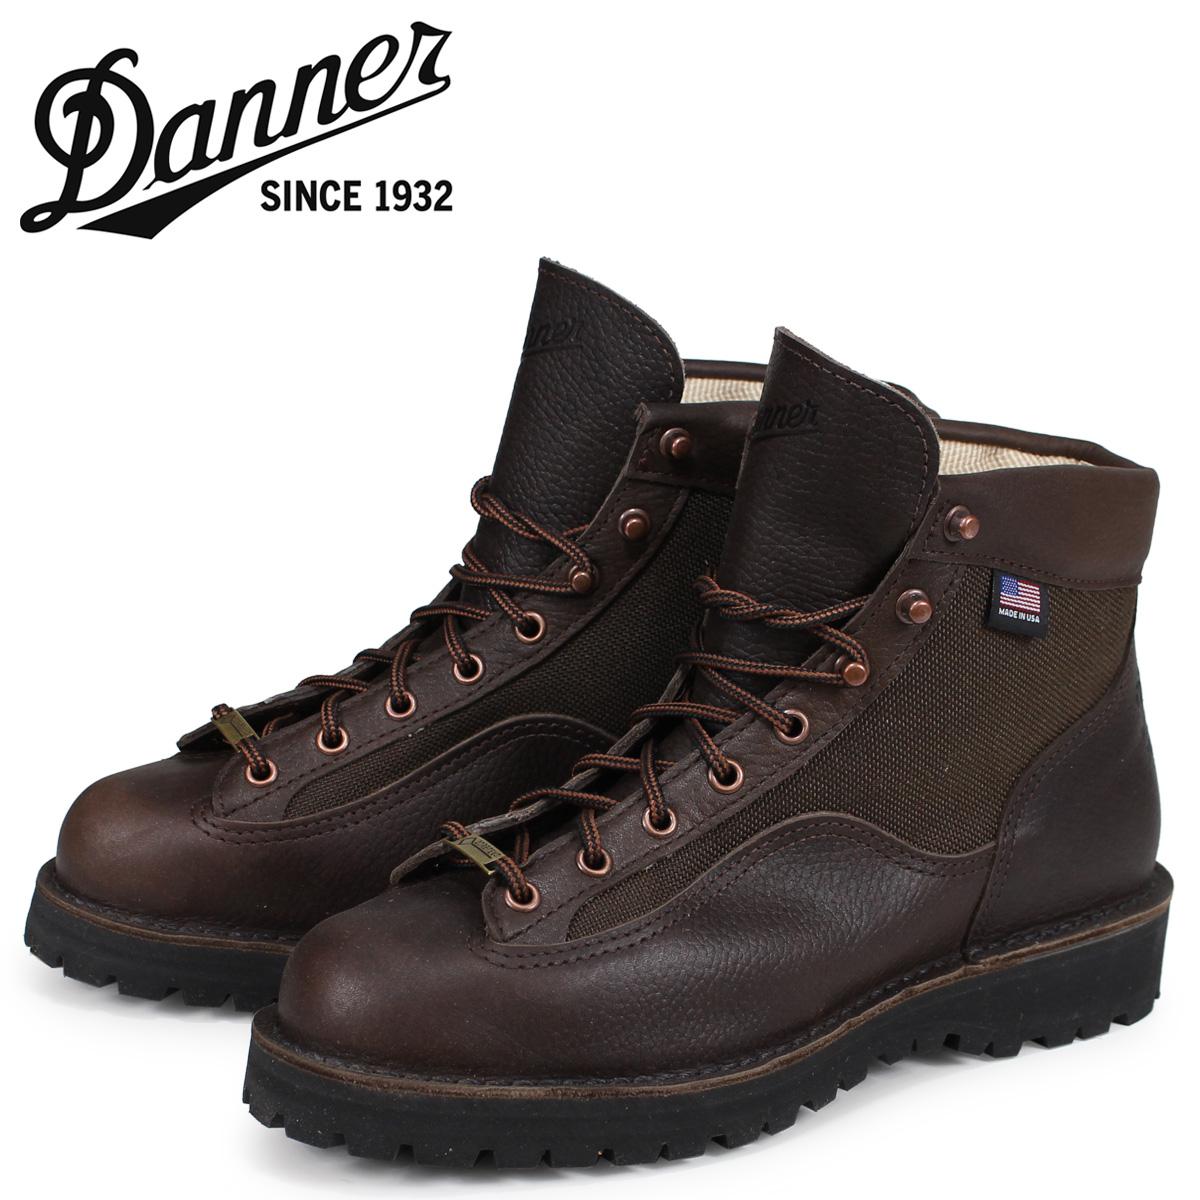 【最大2000円OFFクーポン】 ダナー Danner ダナーライト2 ブーツ メンズ DANNER LIGHT 2 Dワイズ MADE IN USA ダークブラウン 33020